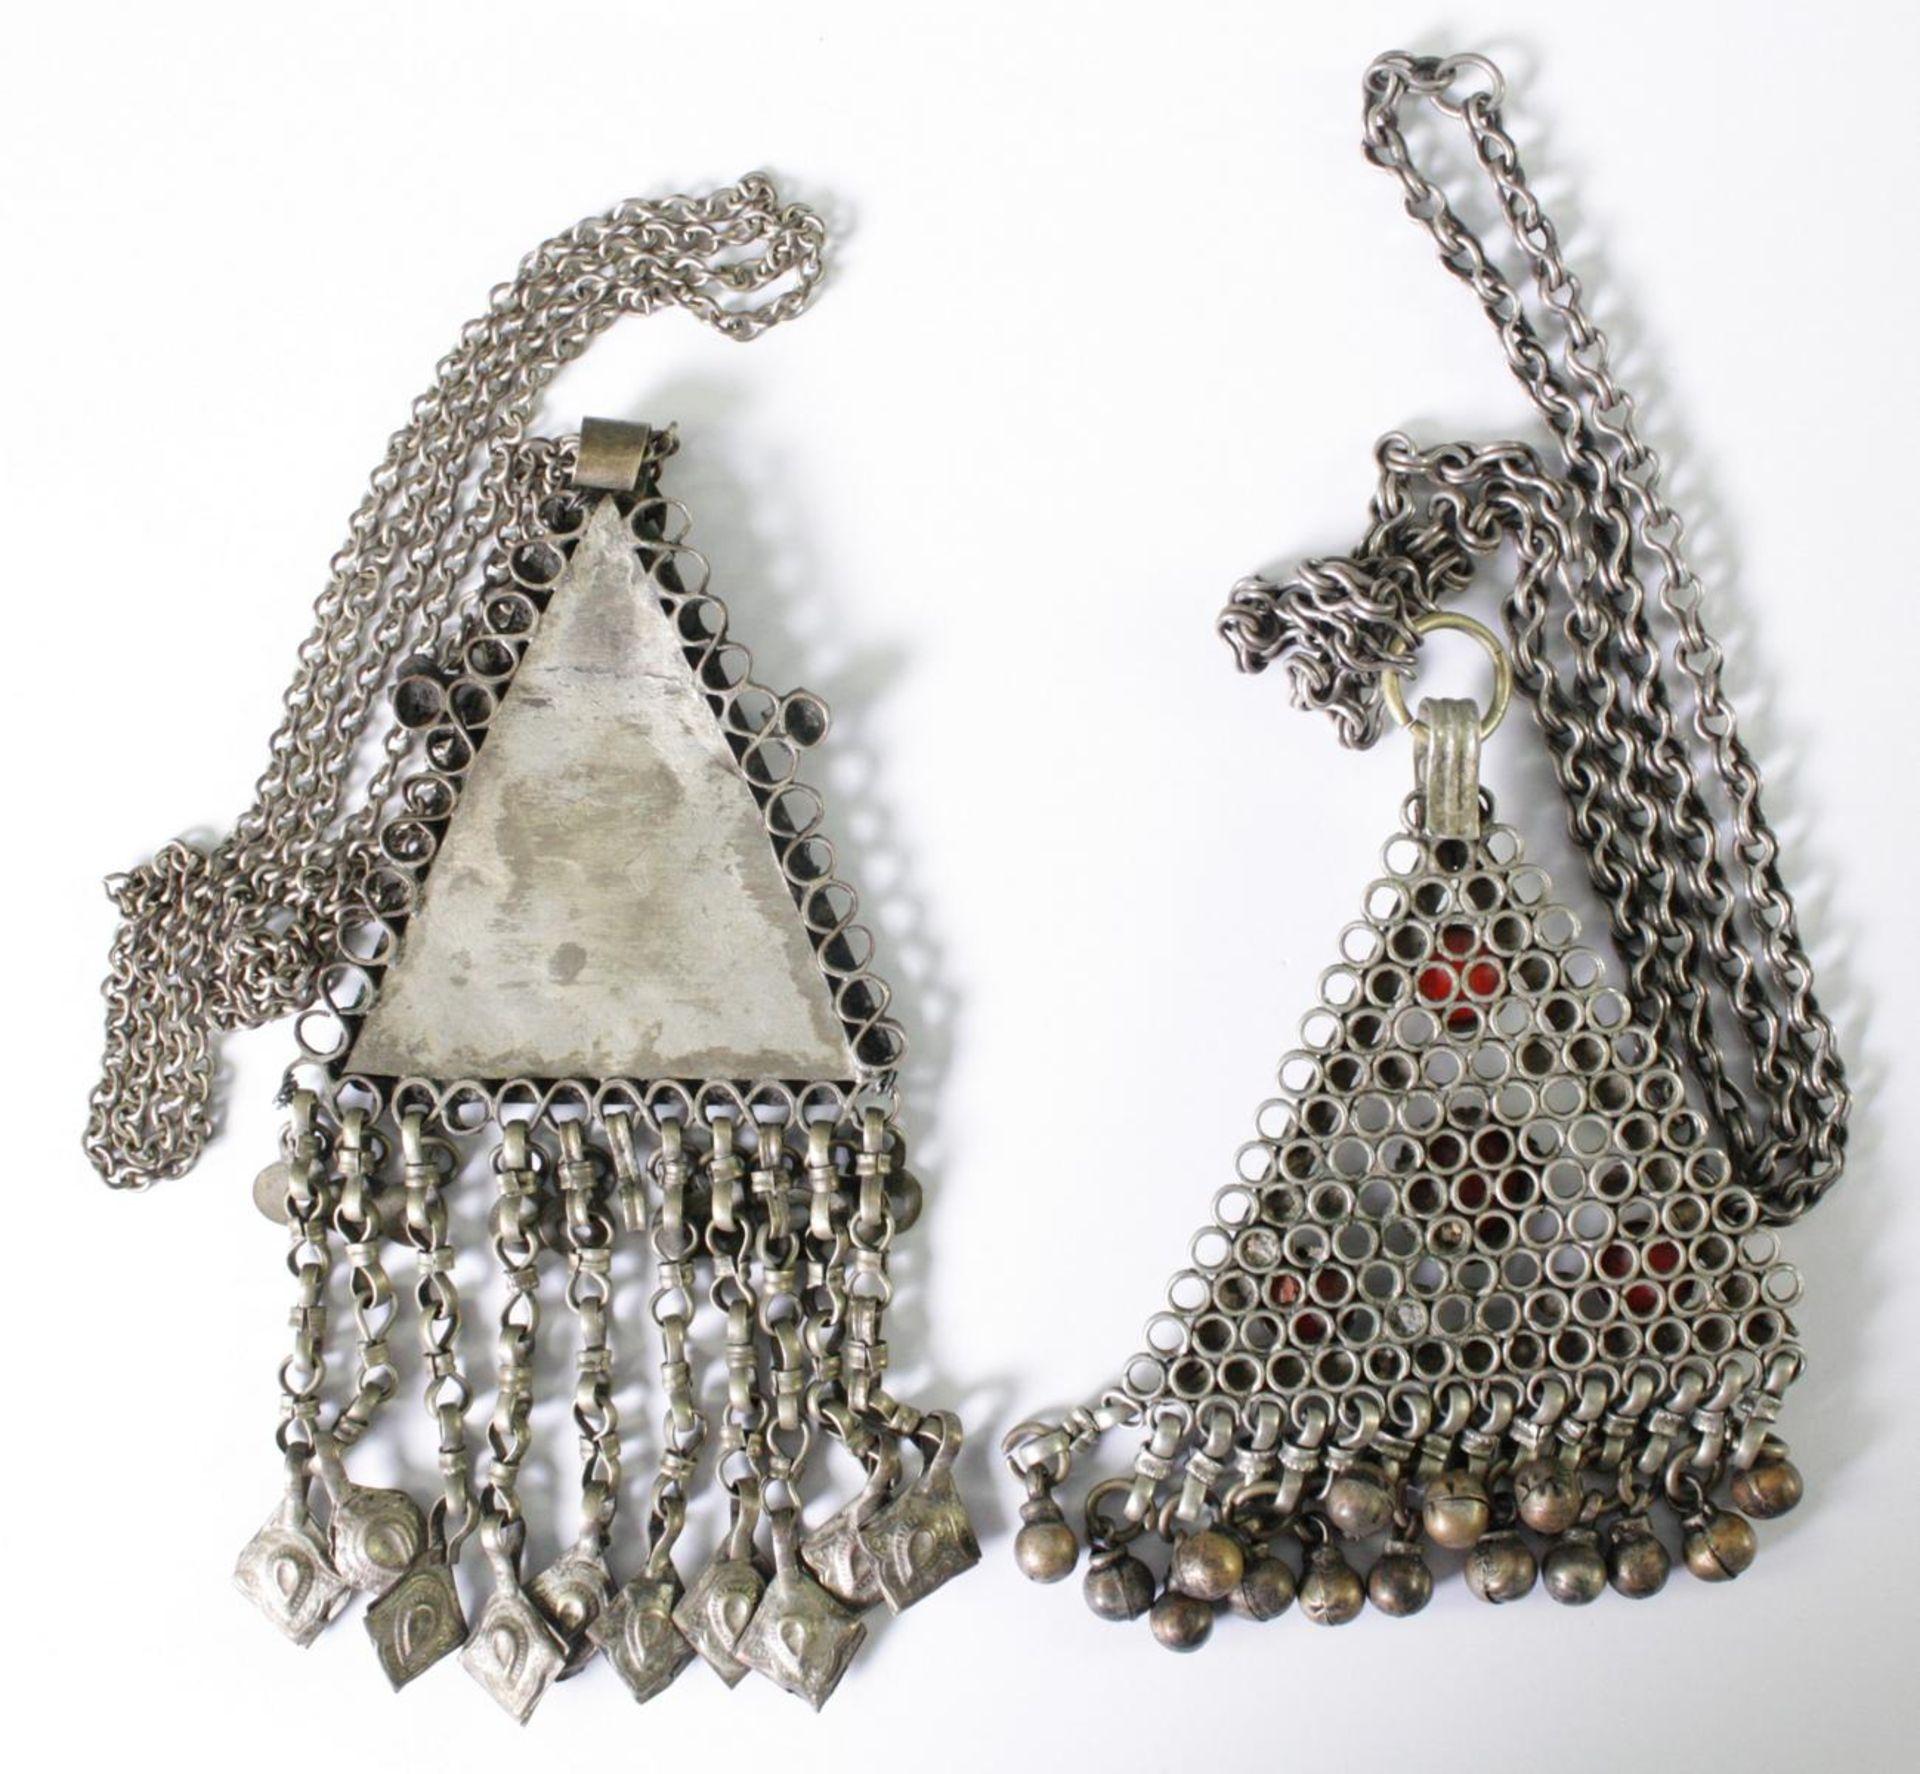 2 orientalische Halsketten, 19./20. Jahrhundert - Bild 2 aus 2